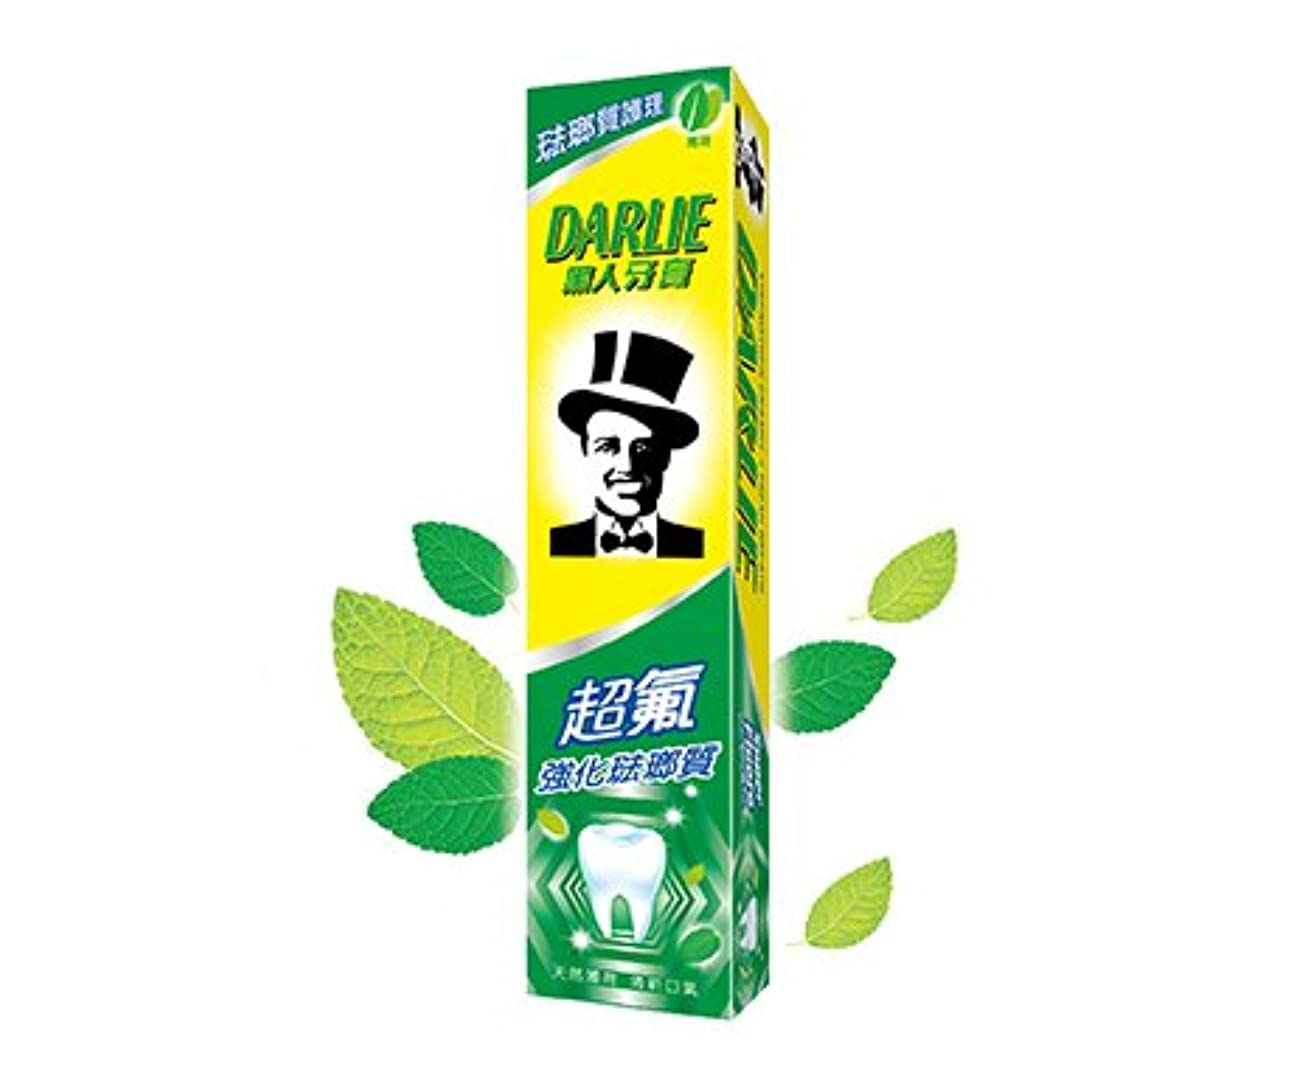 アナリストすずめ不当黒人 歯磨き粉 DARLIE 黑人牙膏 黑人超氟強化琺瑯質牙膏 50g [並行輸入品]